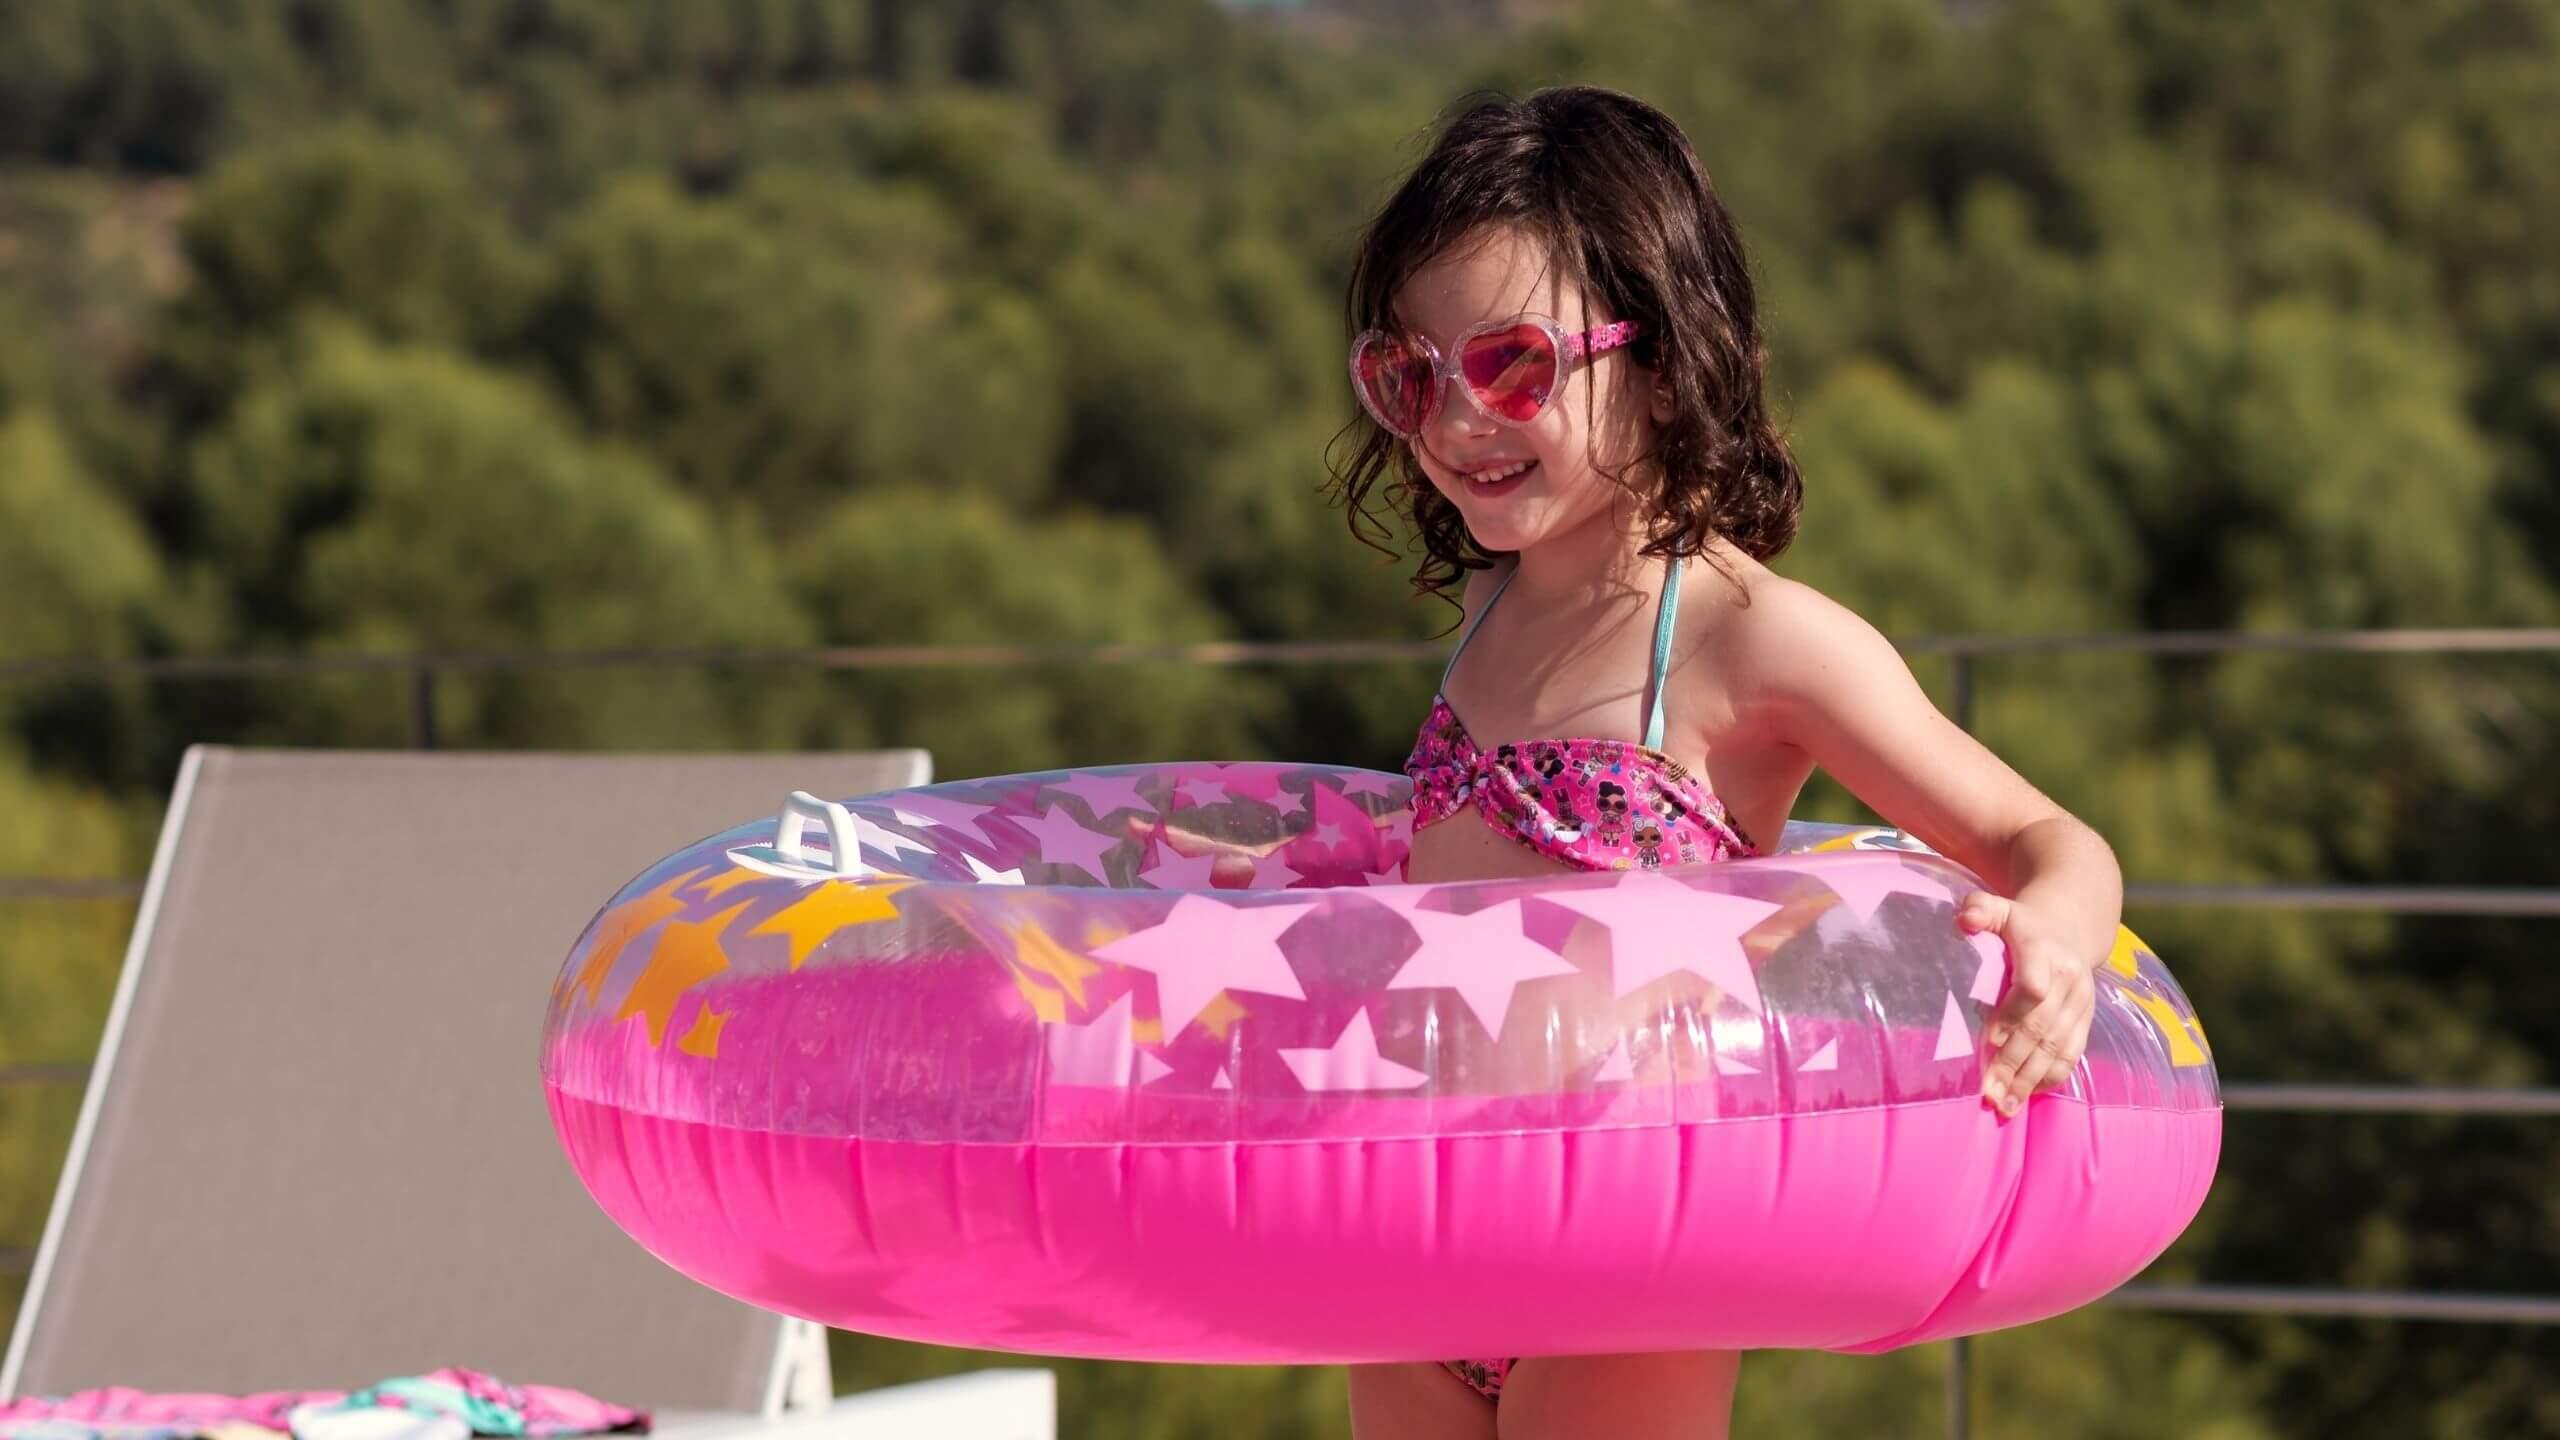 ¡SUPER novedades! Gafas de sol para niños con sus personajes favoritos